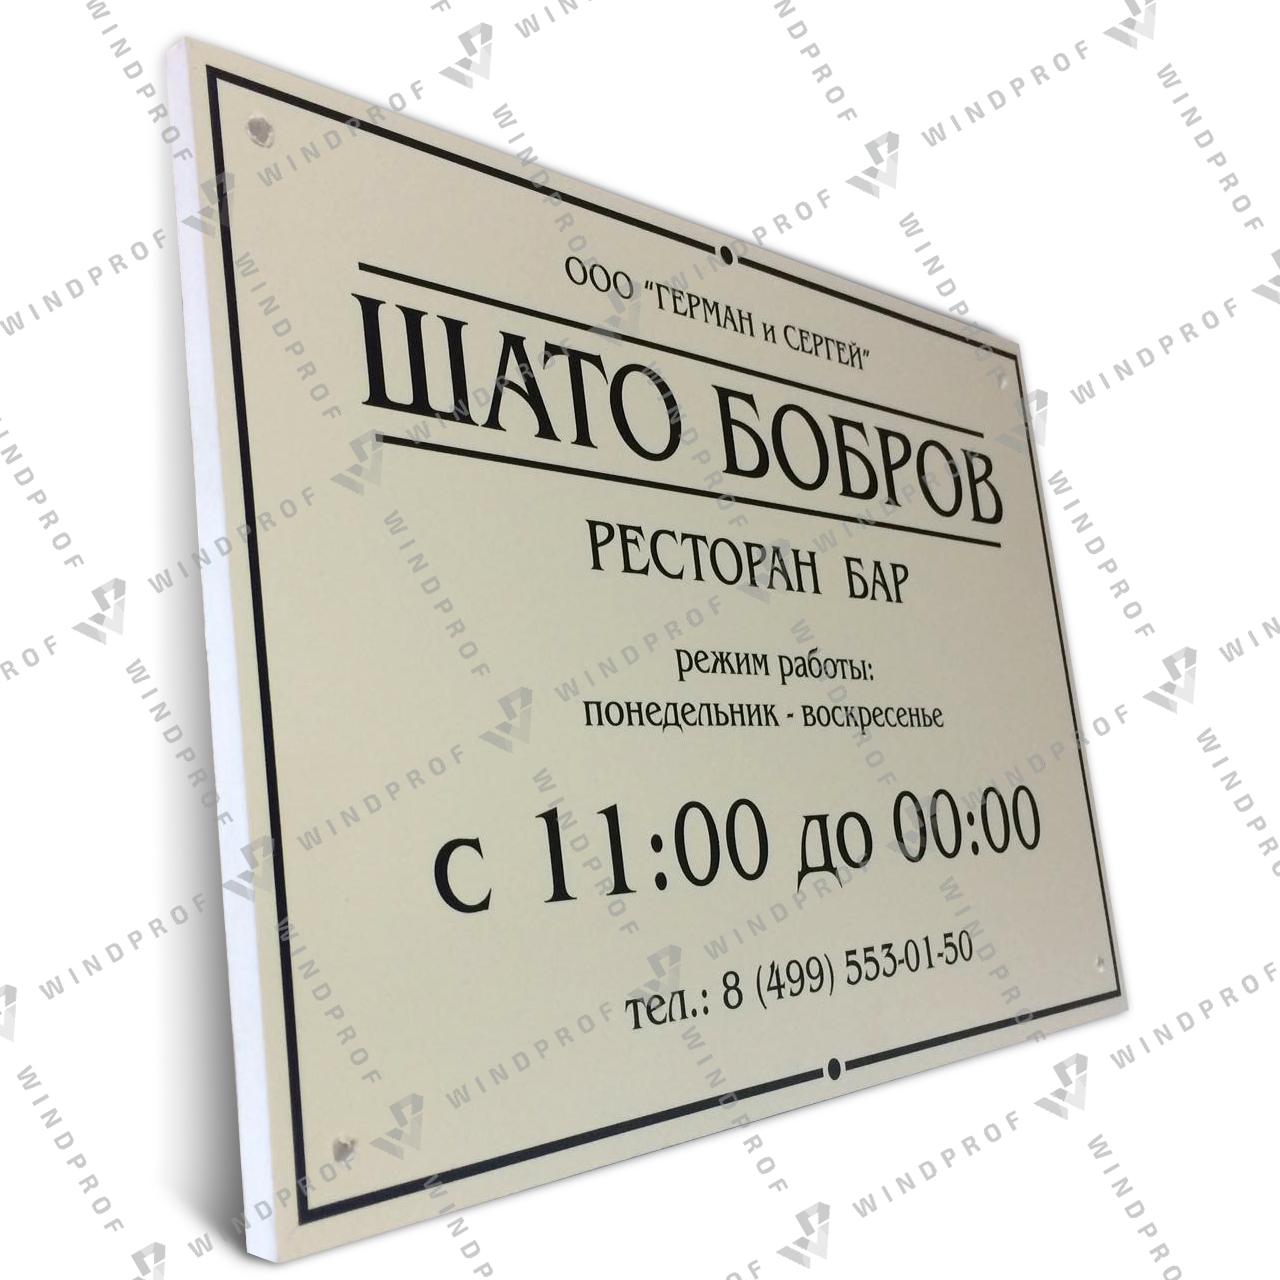 Фасадные вывески из пластика ПВХ от 500,00 руб.